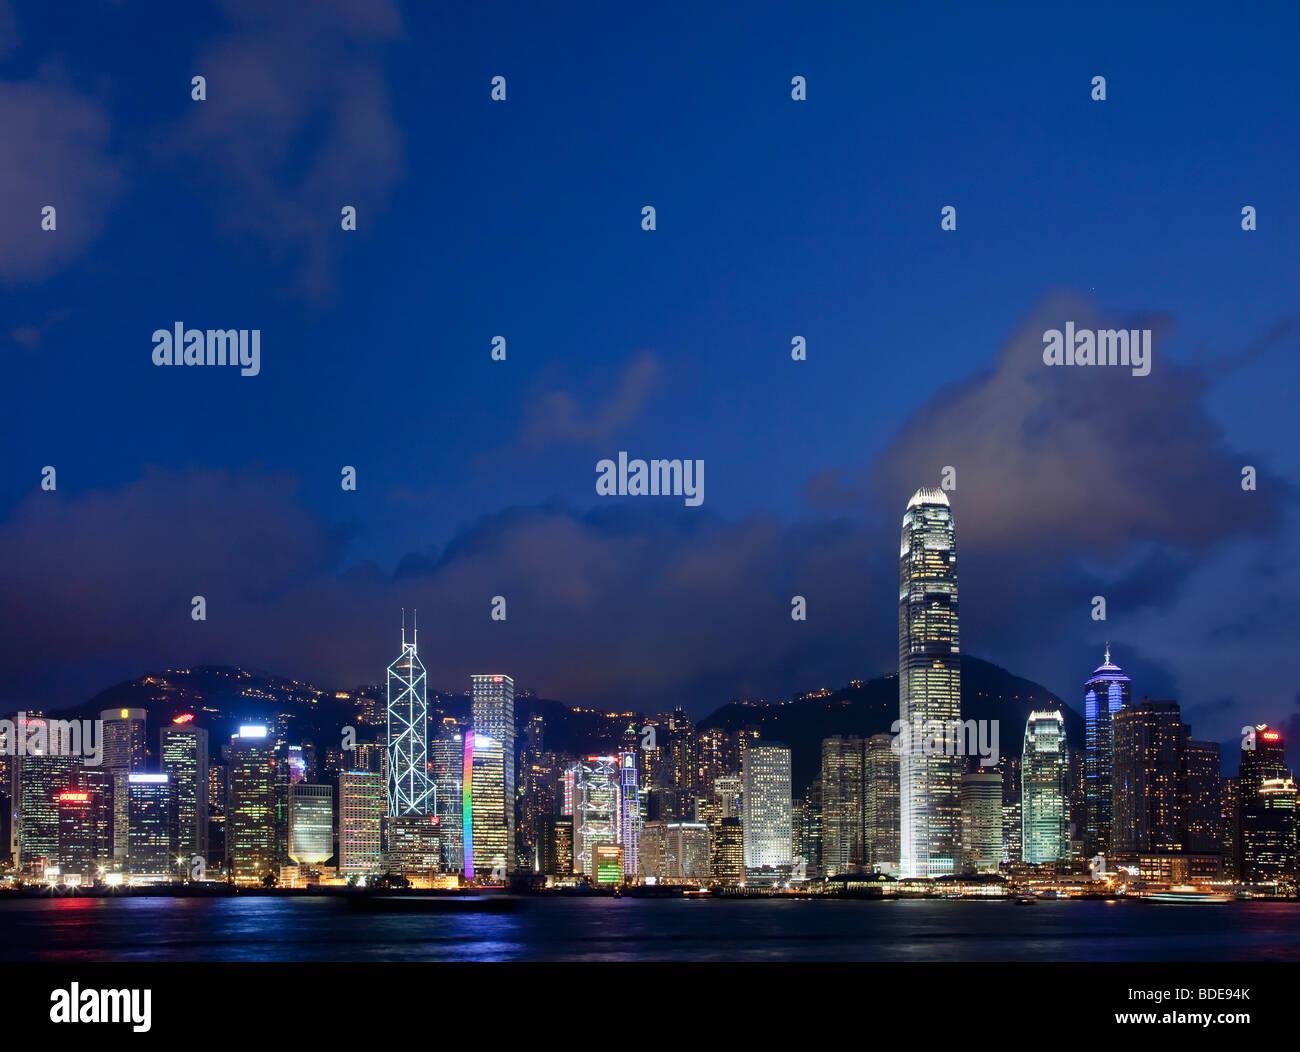 Vista sul Porto Victoria di edifici alti in notturna a Hong Kong, Cina. Immagini Stock